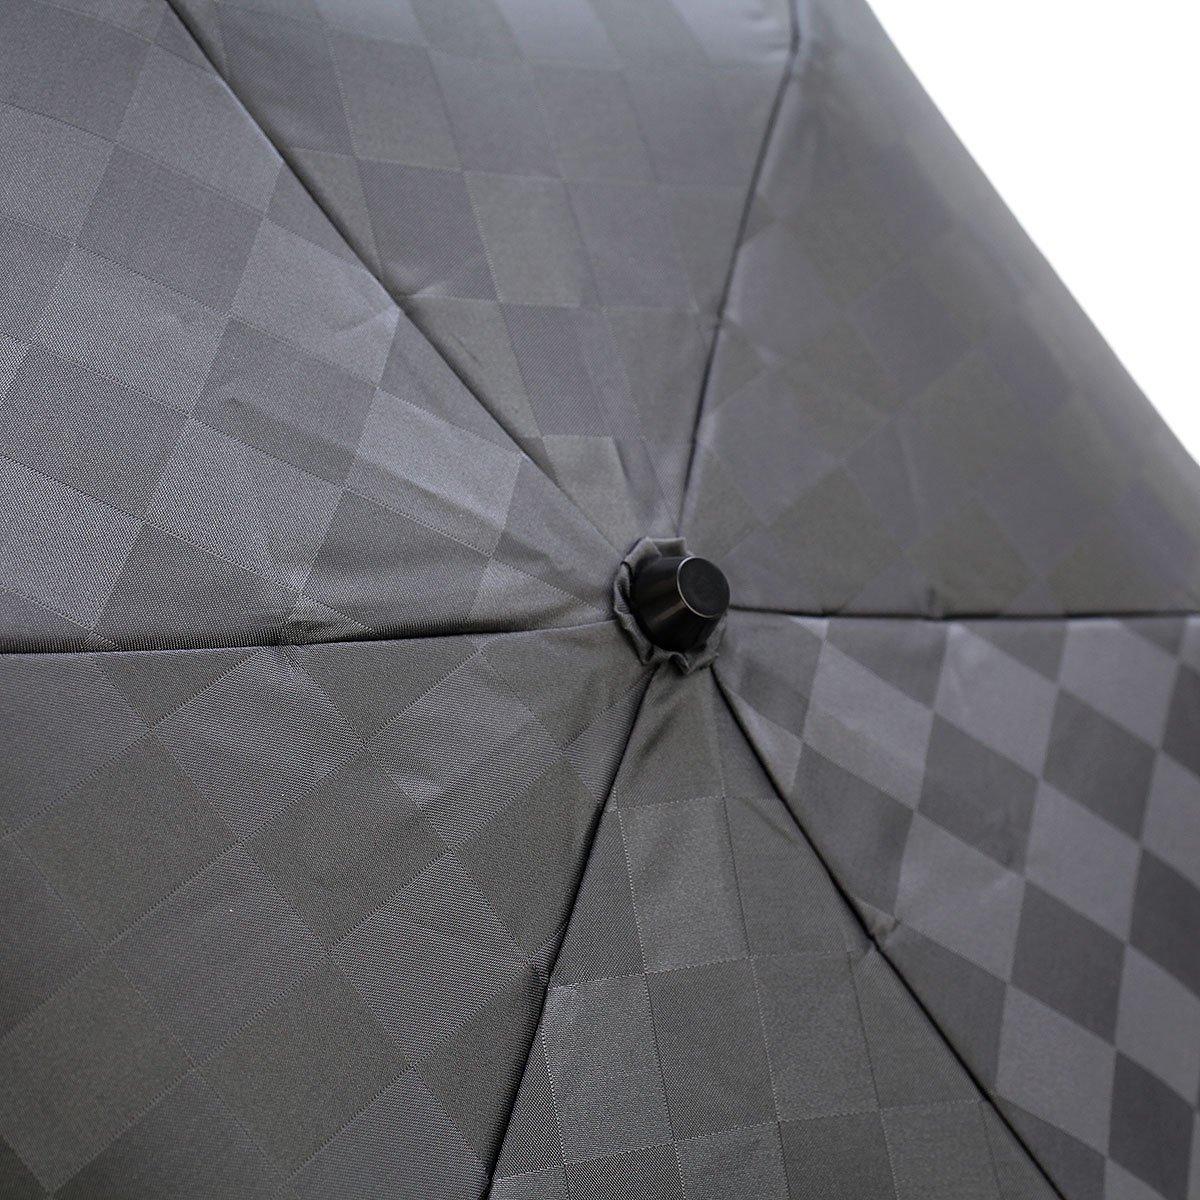 市松柄 折りたたみ傘 詳細画像11